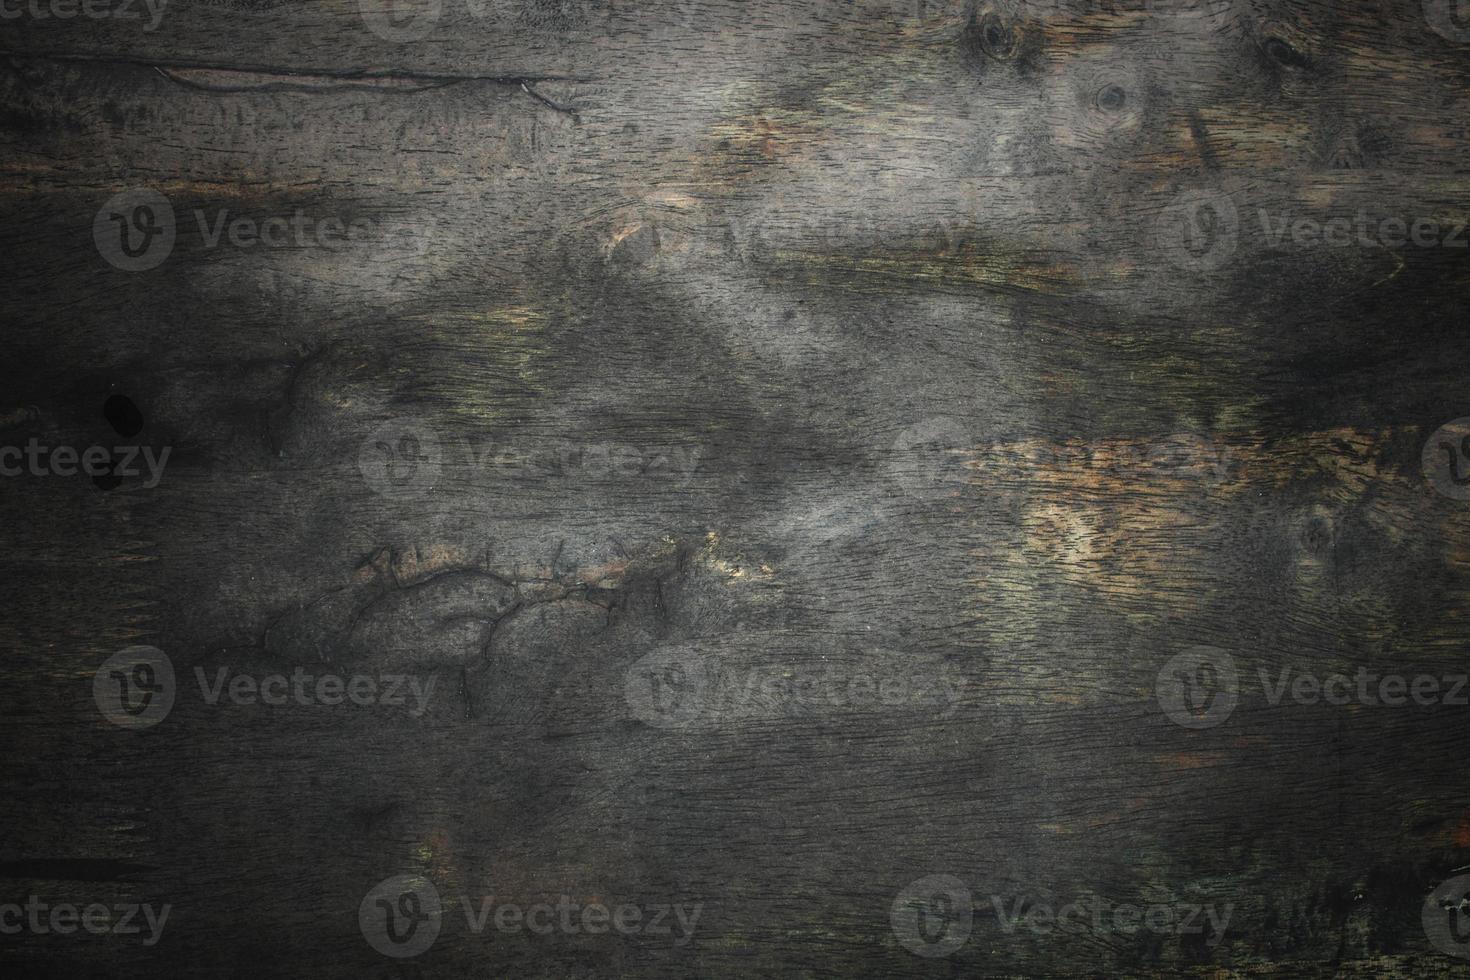 vecchio legno scuro e grunge texture di sfondo muro foto